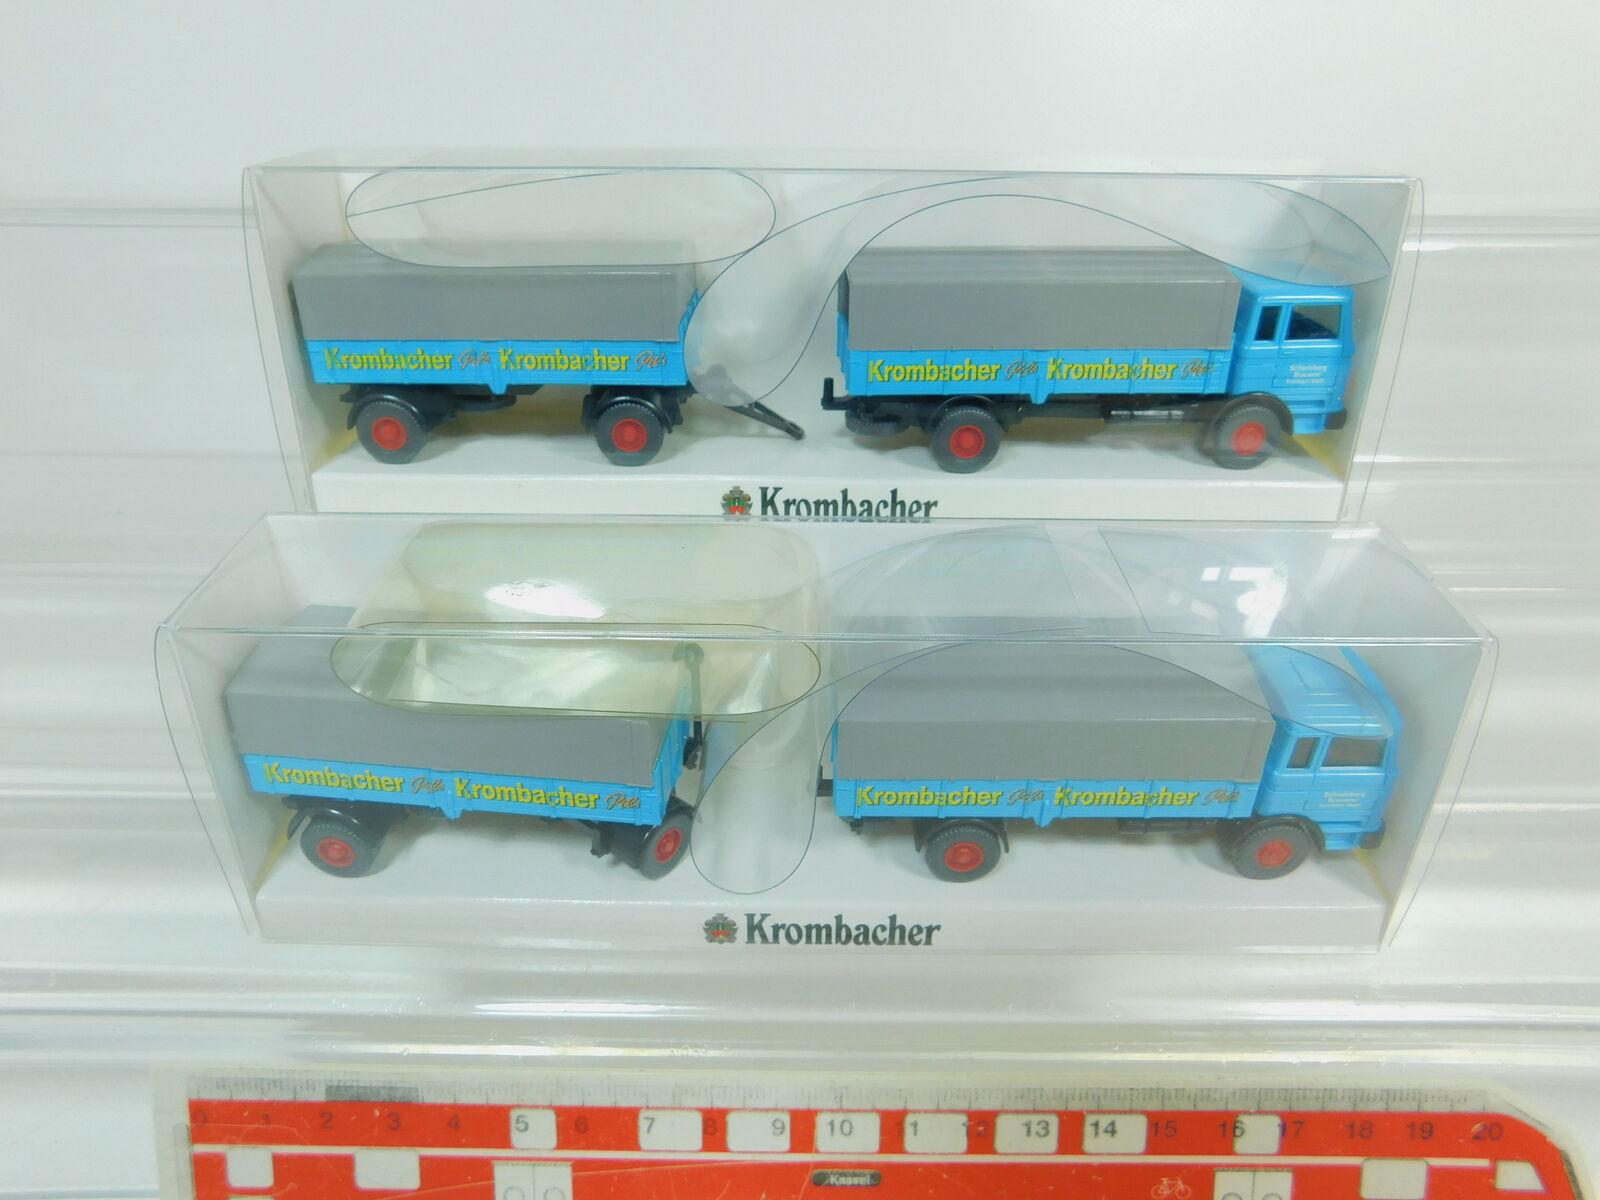 BO433-0,5  2x Wiking H0 1 87 3411 Lastzug MB LP 1620 Krombacher, sehr gutOVP  | Verbraucher zuerst